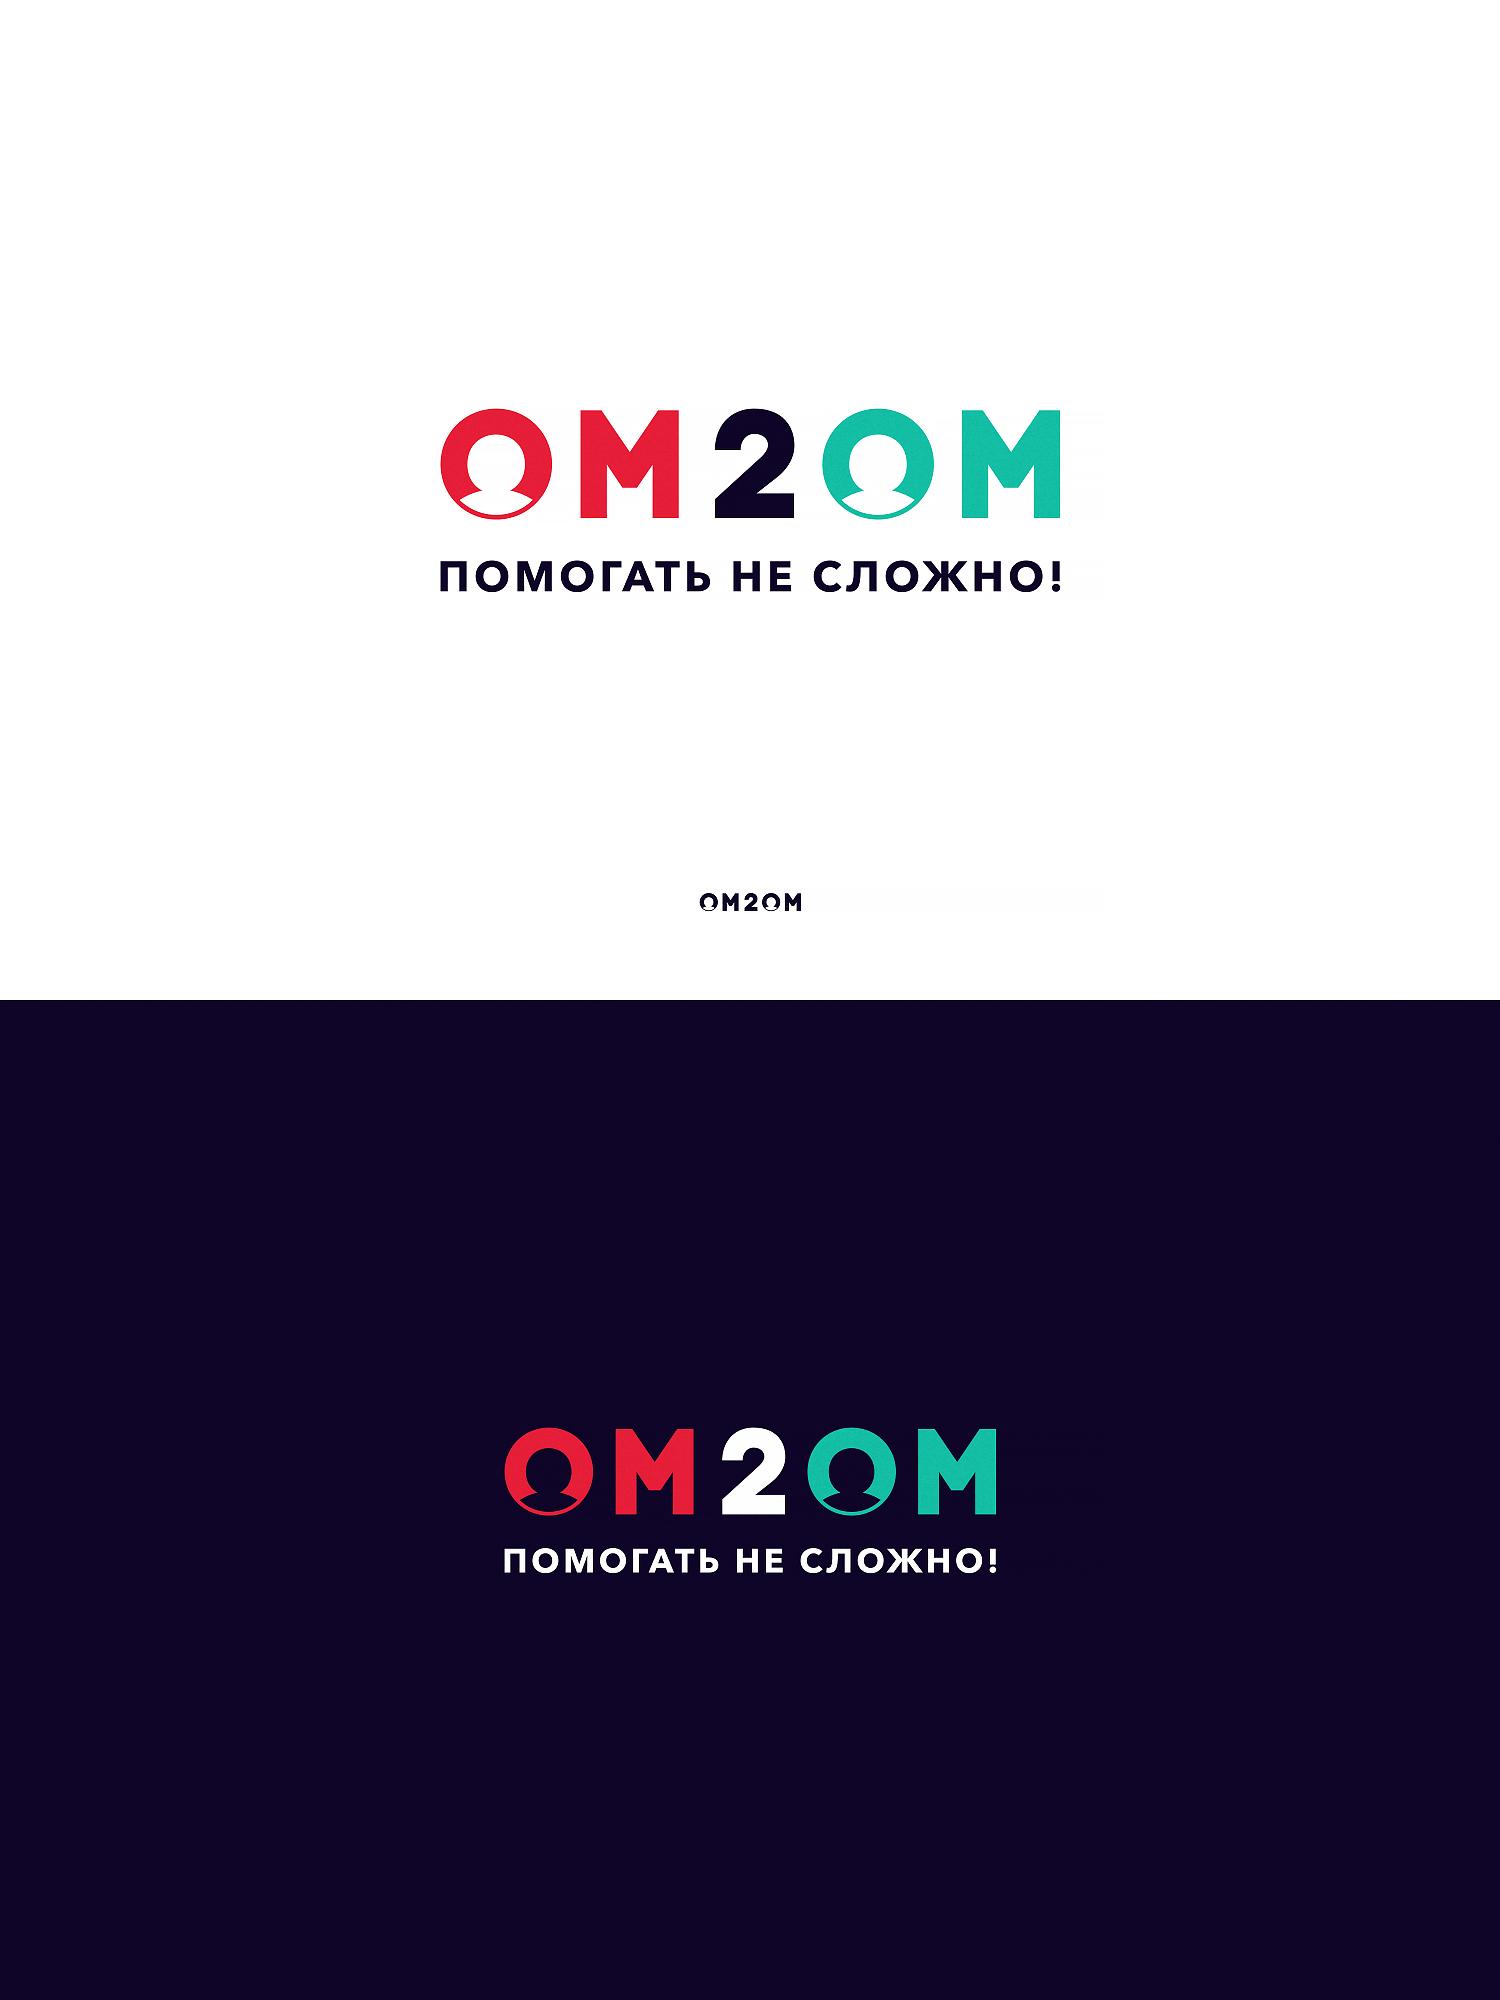 Разработка логотипа для краудфандинговой платформы om2om.md фото f_2285f5e4a69c391f.jpg